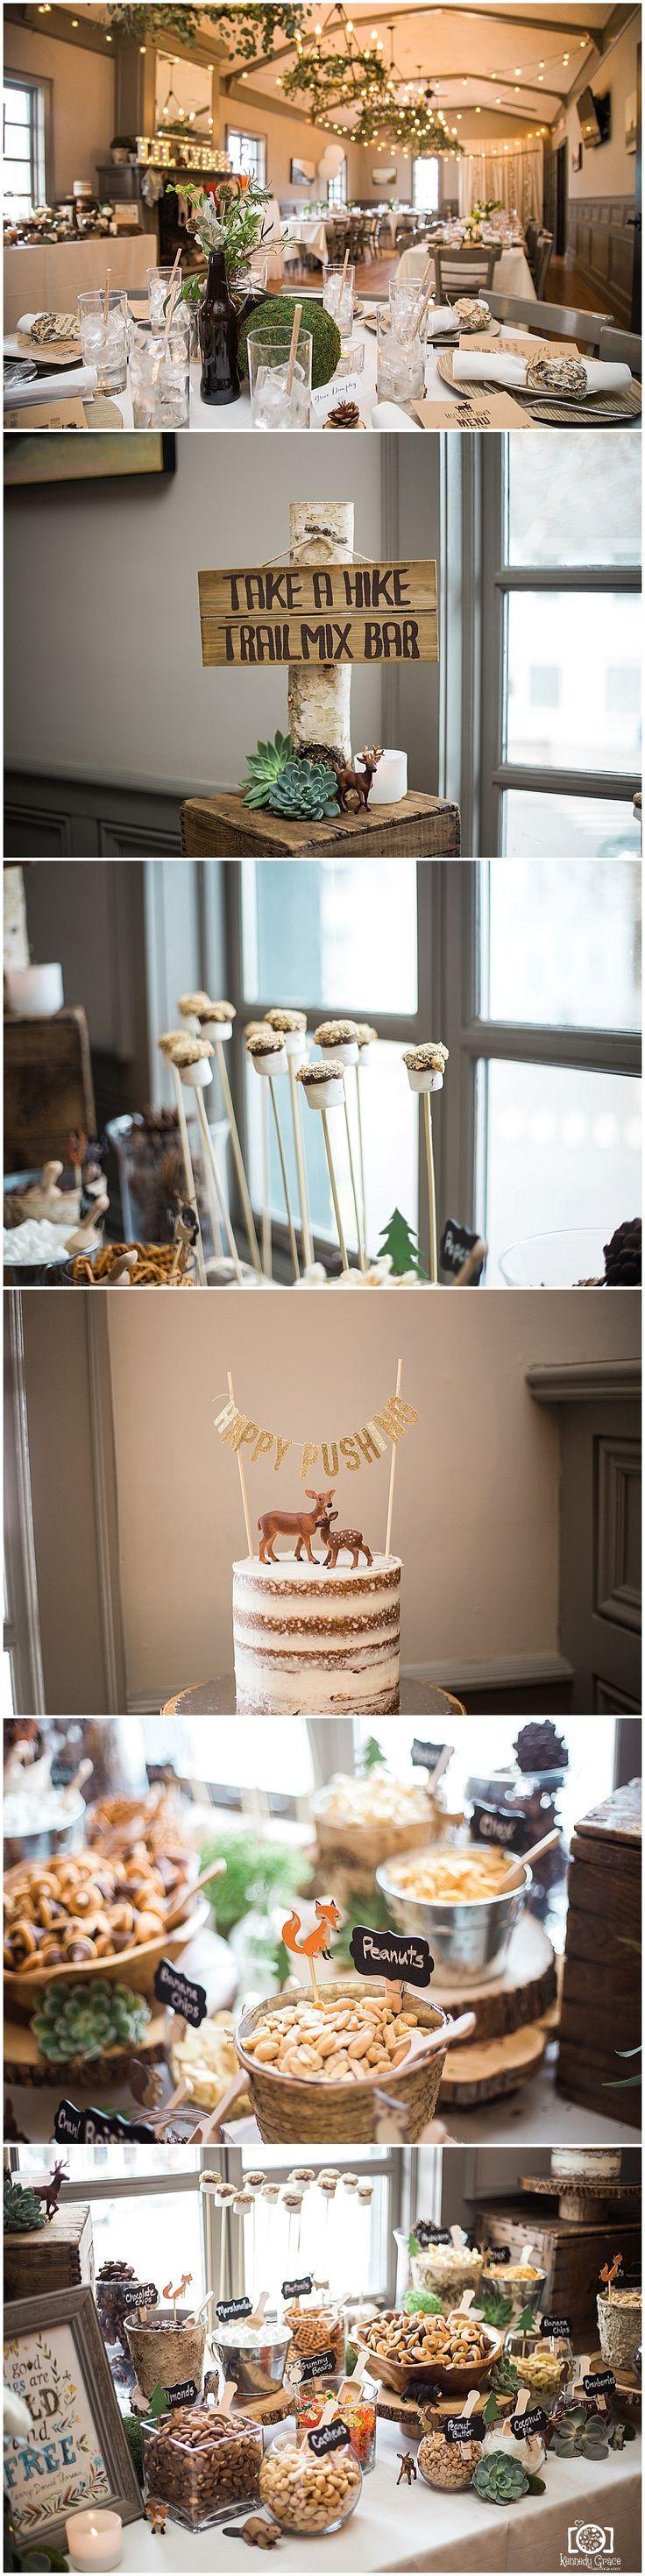 Woodland Theme Baby Shower Woodsy Boho Themed Boy Decor Ideas Piermont NY Push cake